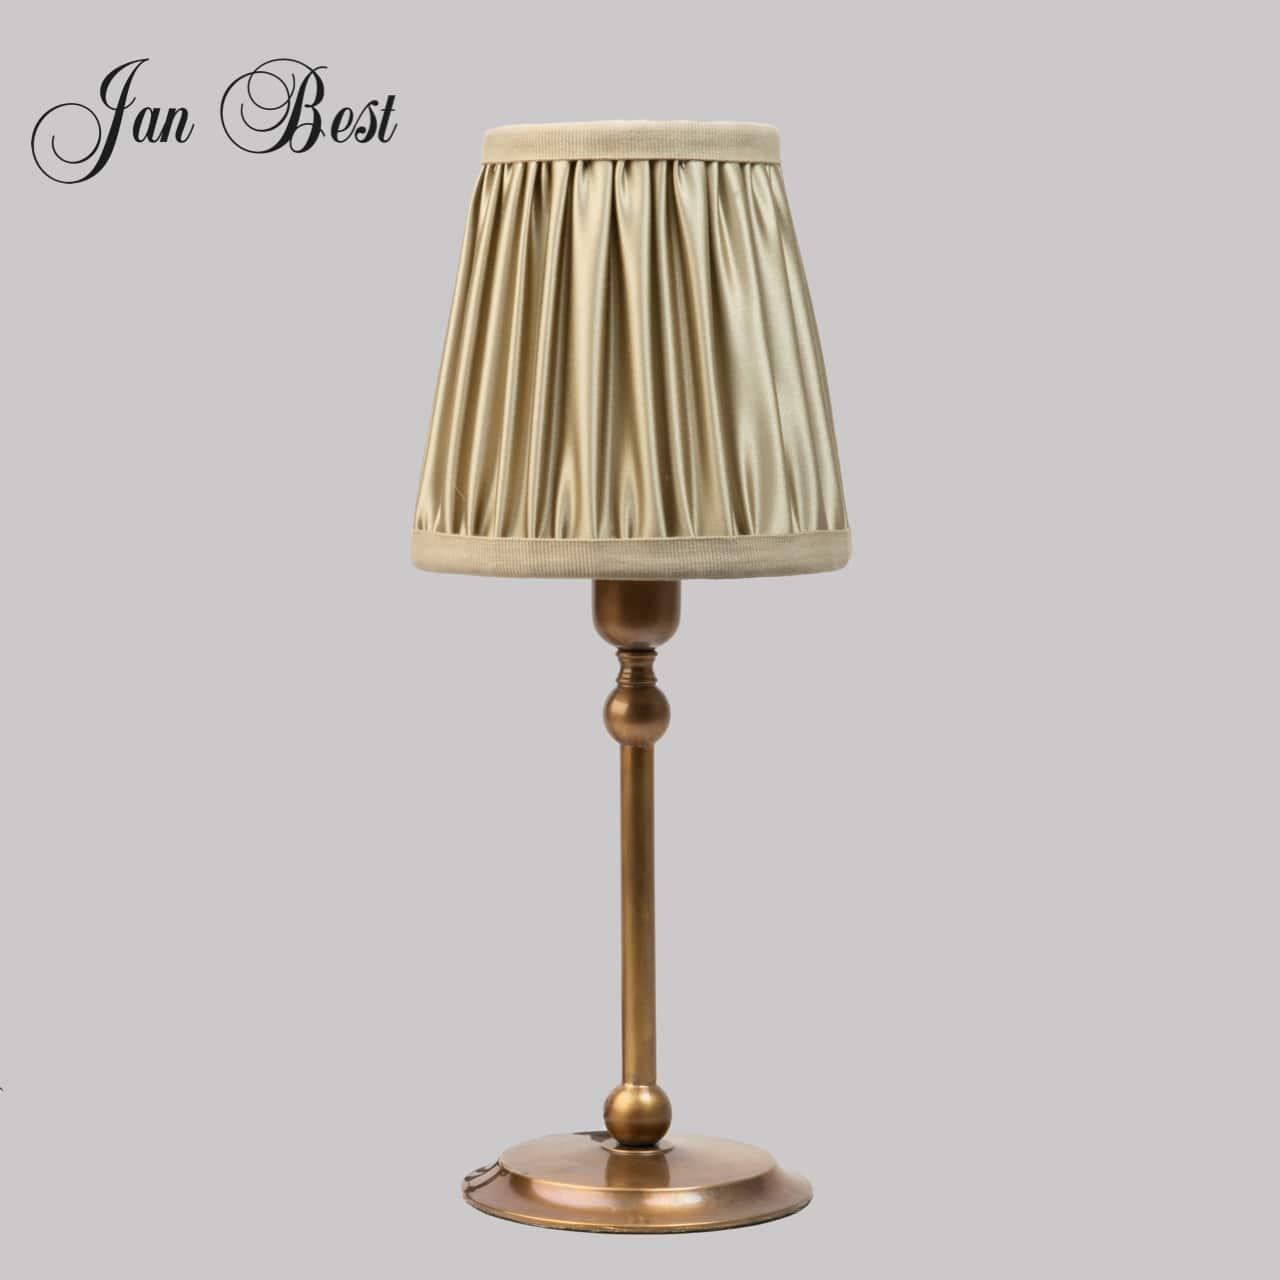 Jan-Best-tafellamp-met-stoffen-kap-schemer-lamp-nostalgische-verlichting-aalsmeer